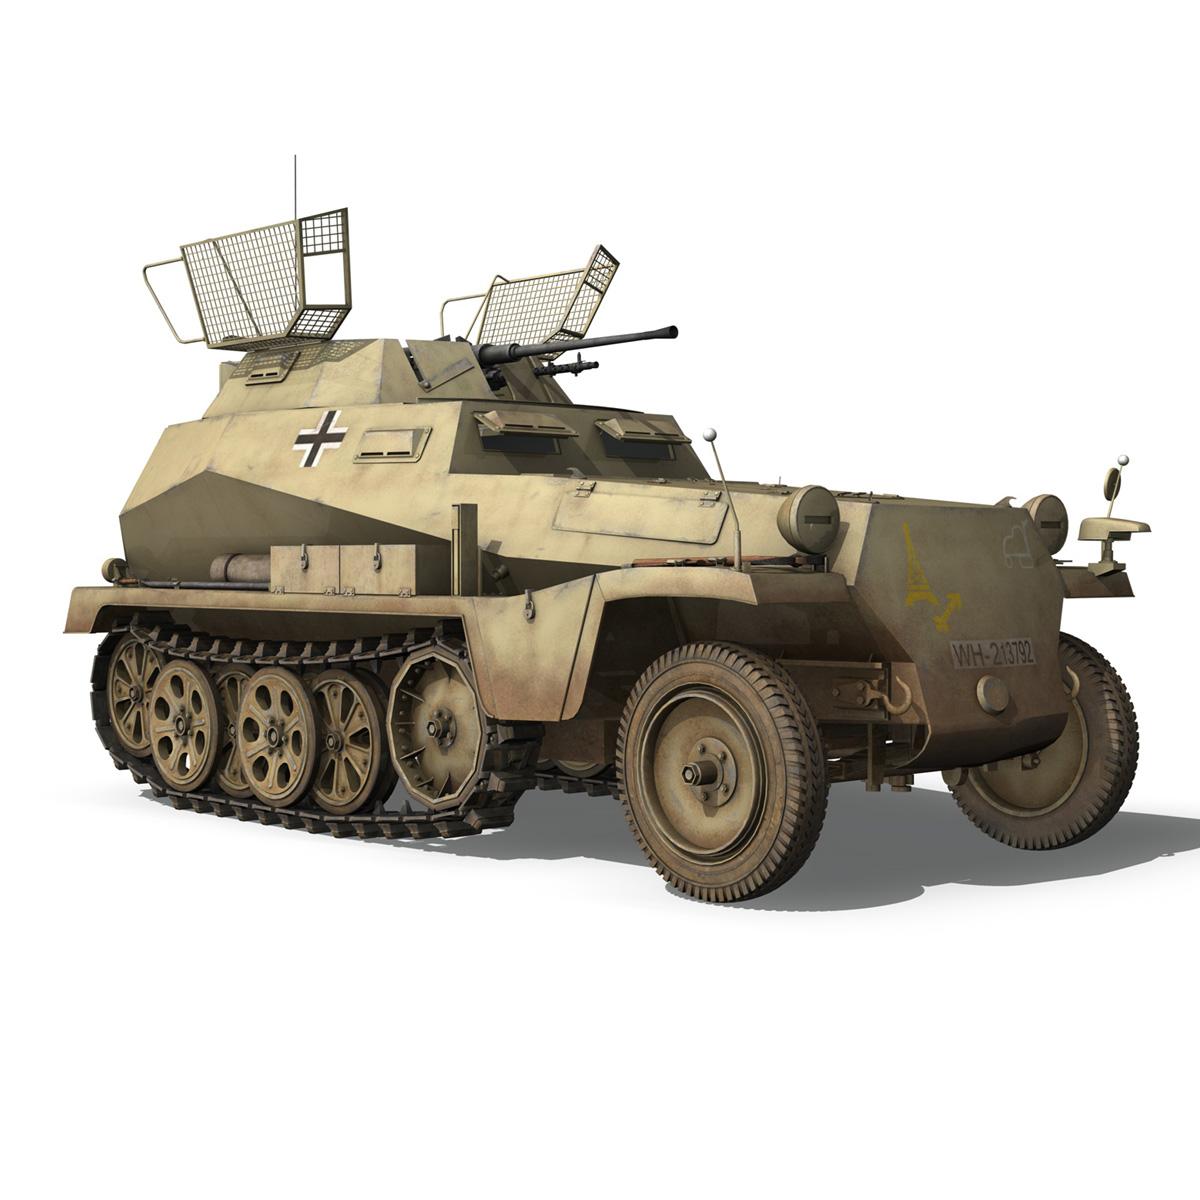 SD.KFZ 250 - Reconnaissance Halftruck - 23 PzDiv 3d model 3ds fbx c4d lwo lws lw obj 273097